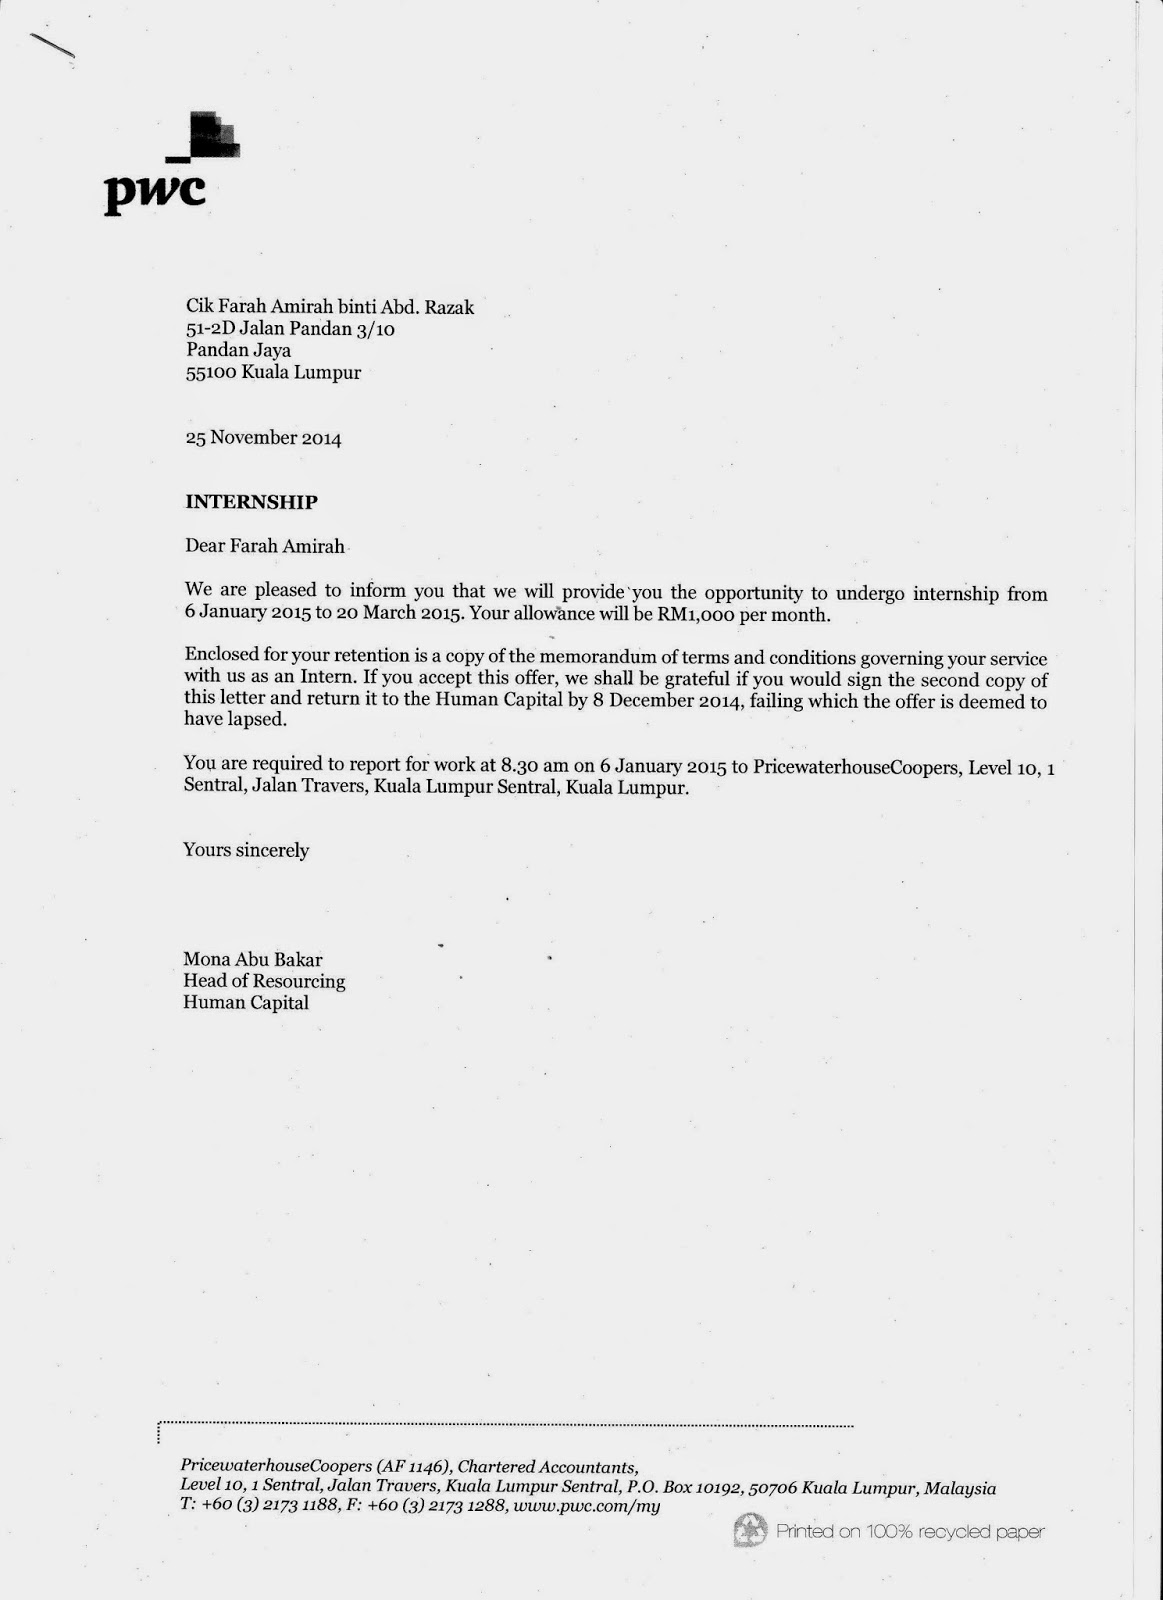 Farahs Portfolio Offer Letter